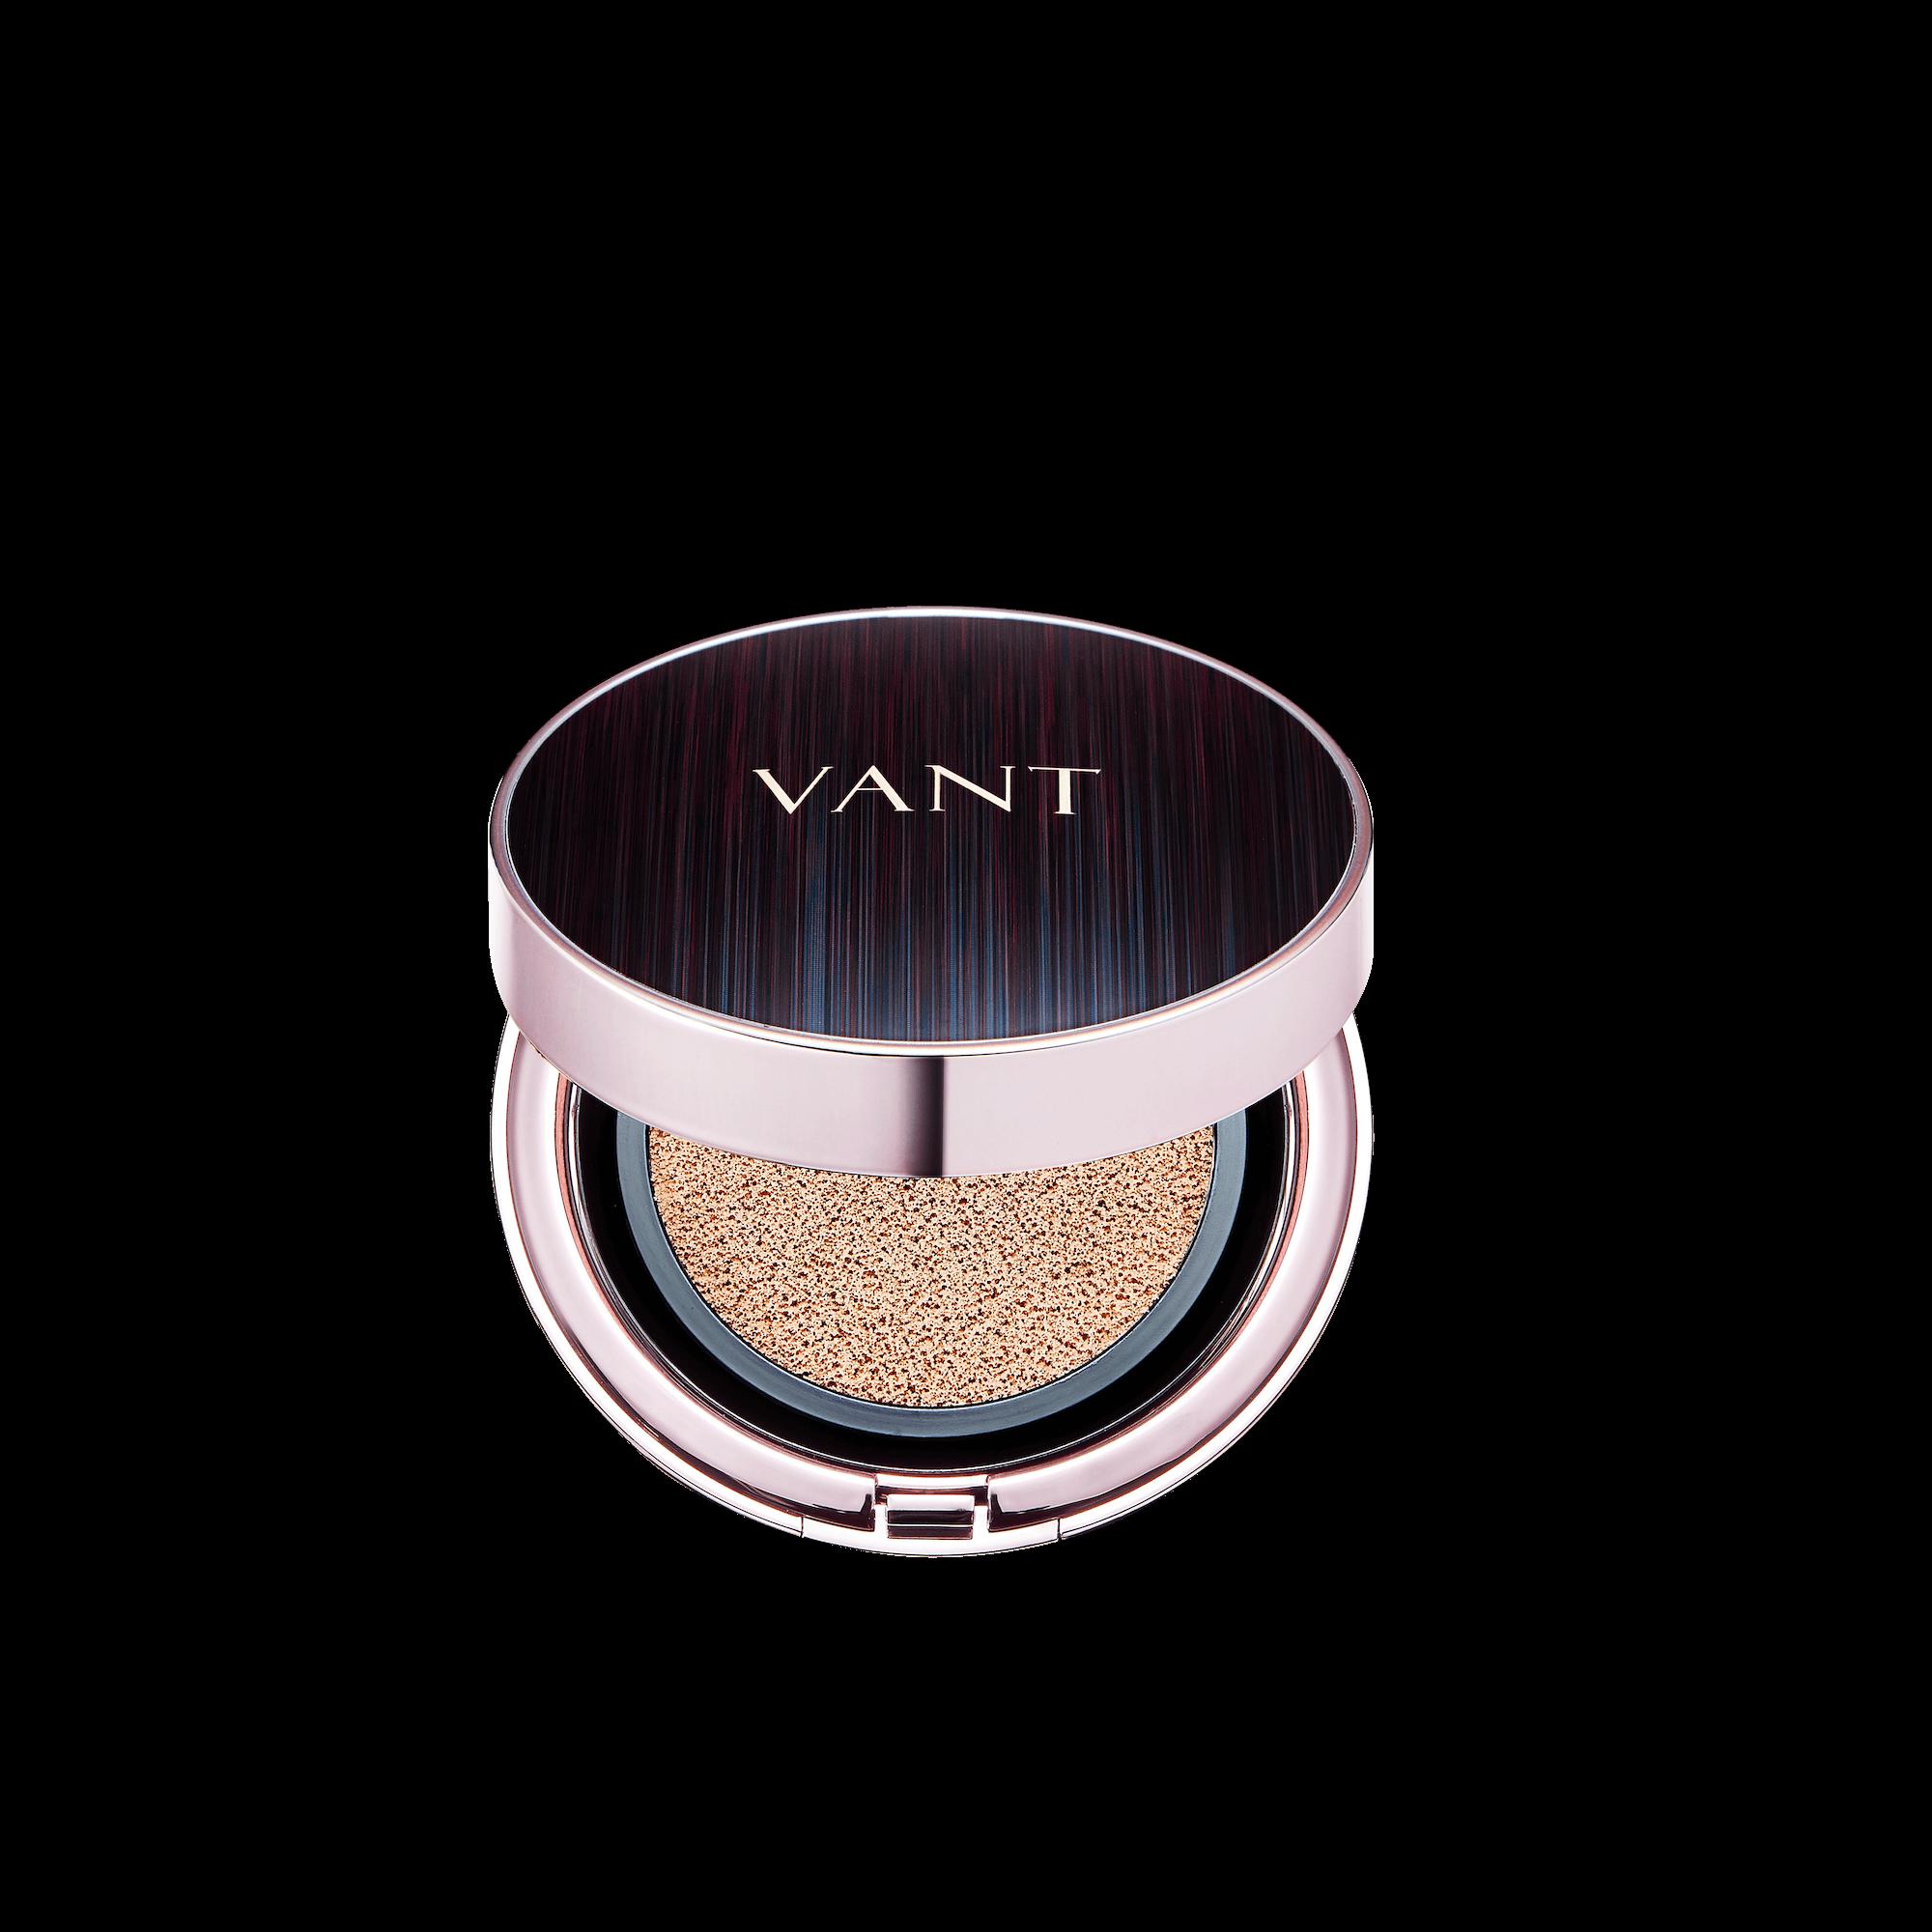 韓国コスメ「VANT36.5(バント)」のギャラクシーダブルカバークッション/¥3,400(税抜き)